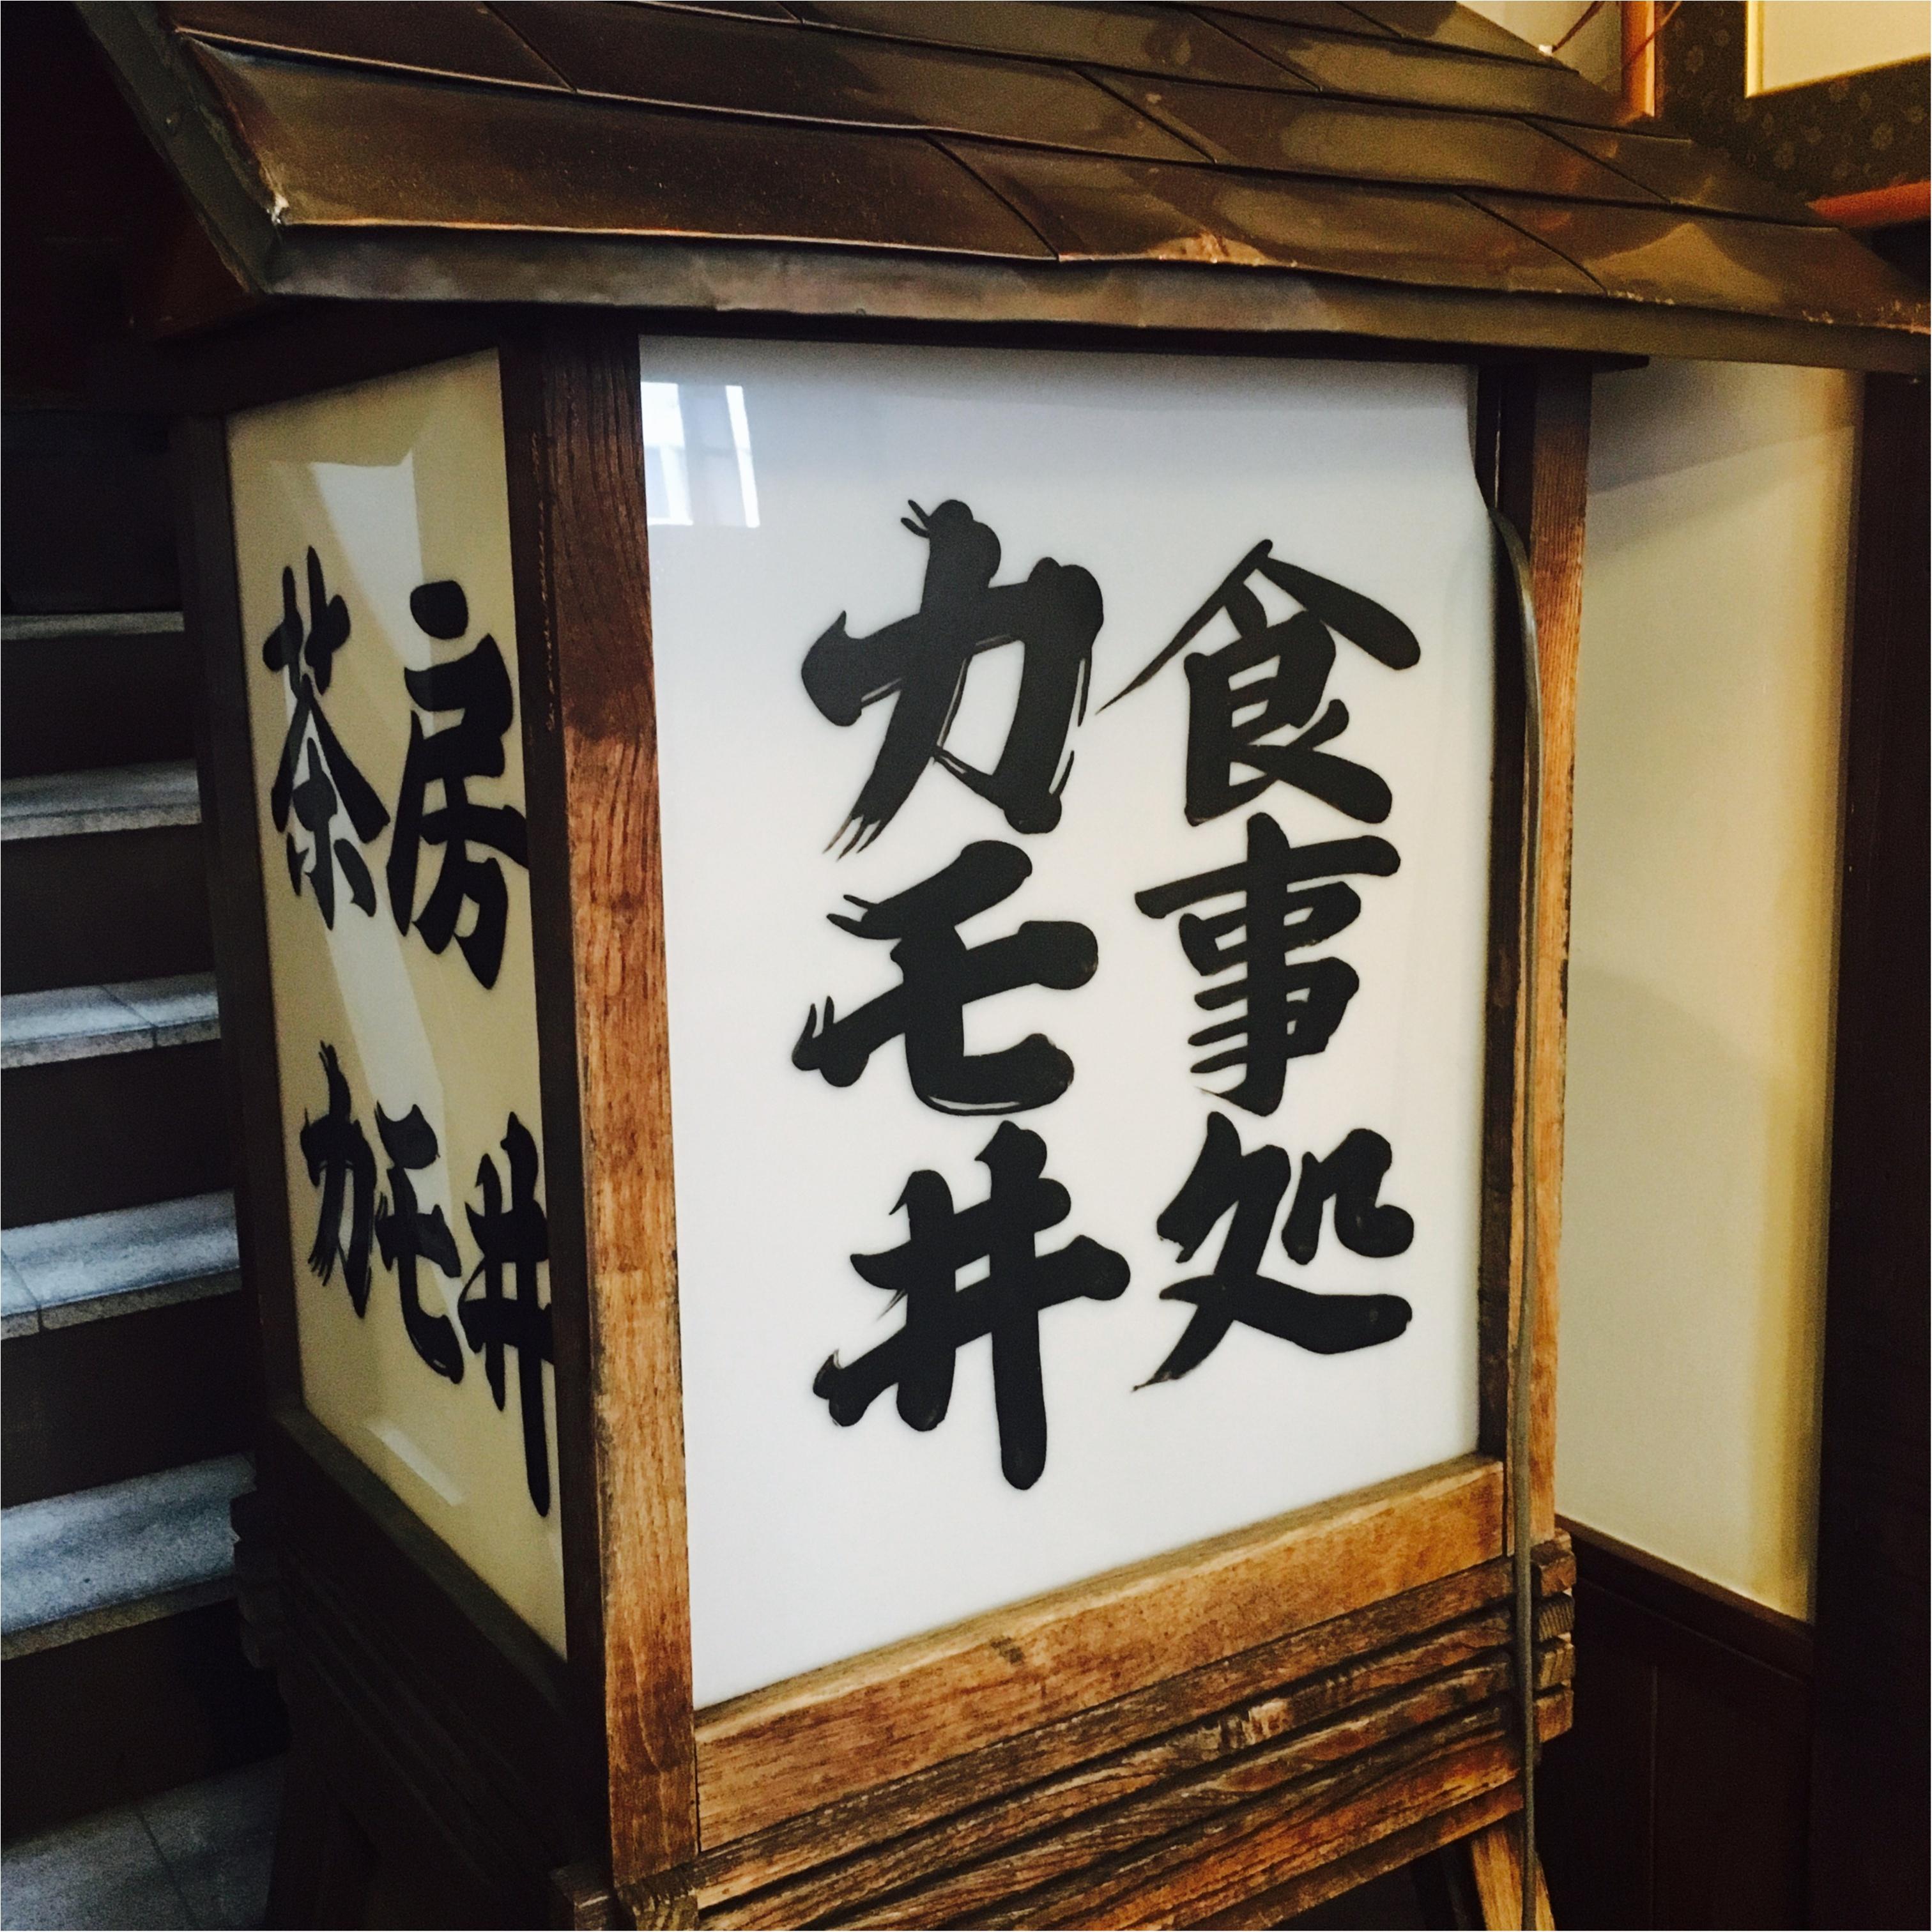 【岡山・倉敷 旅行②】茶房≪カモ井≫のランチが美味しすぎる!地元の食材を満喫しました!_1